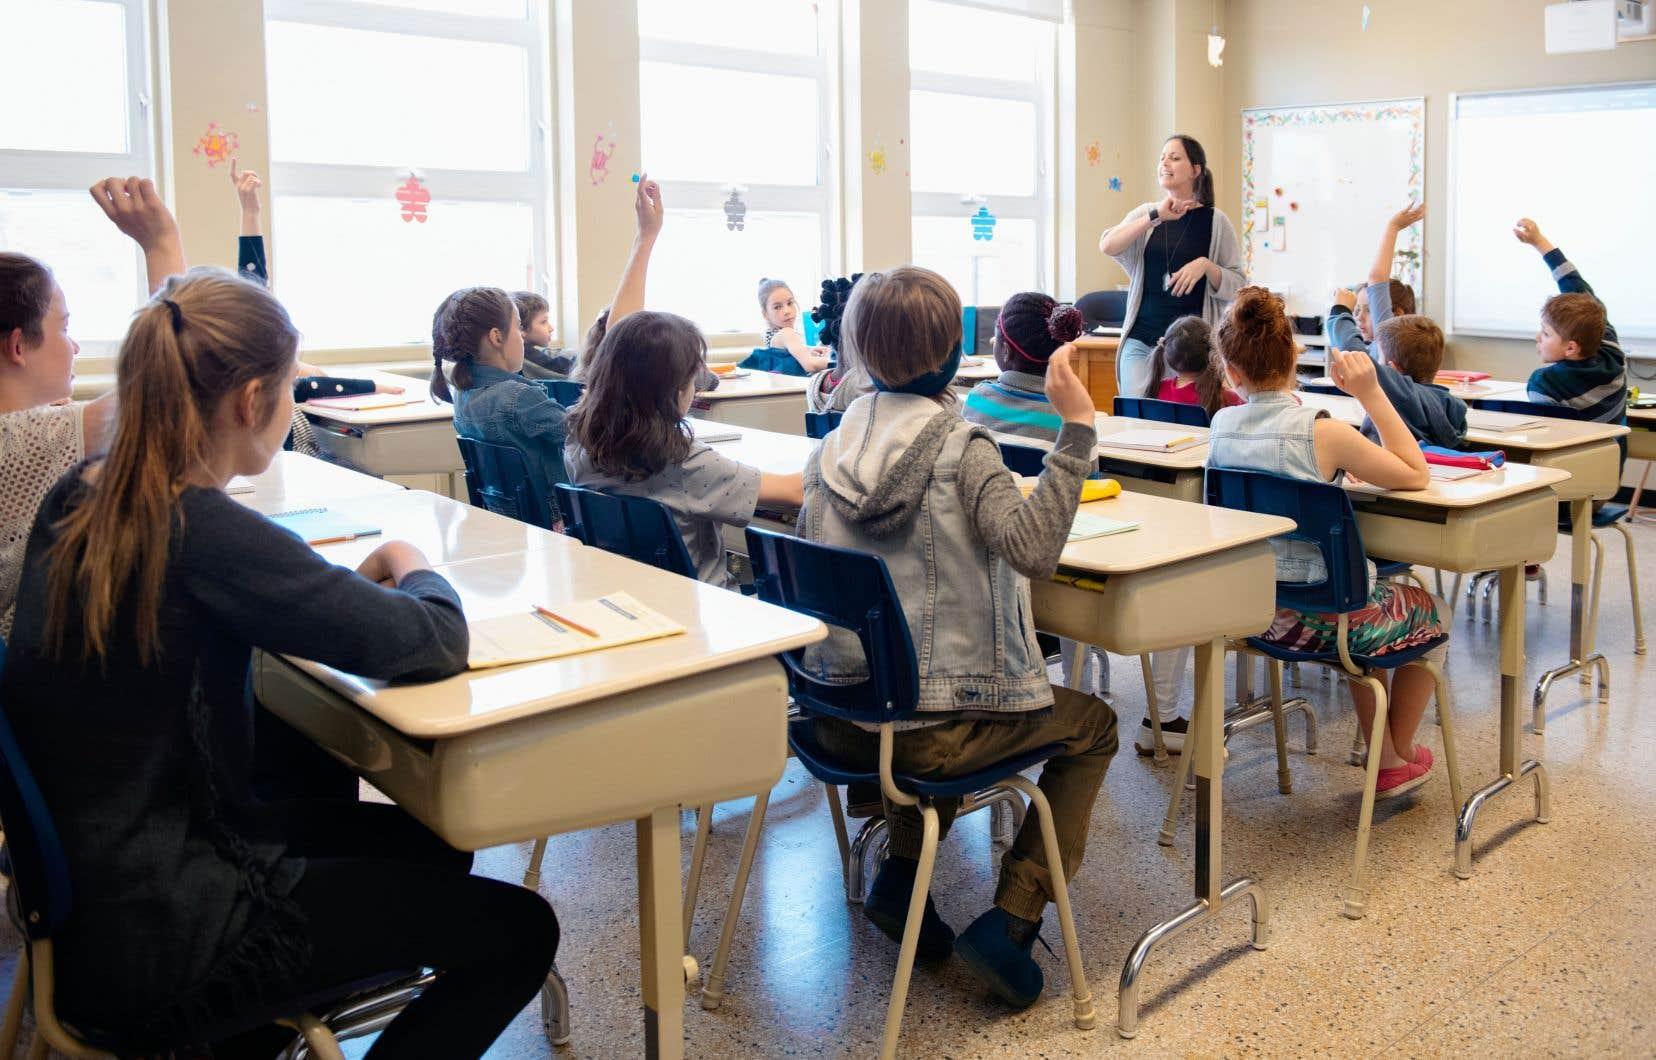 Les écoles primaires et secondaires peinent à recruter toute la main-d'œuvre dont elles ont besoin.